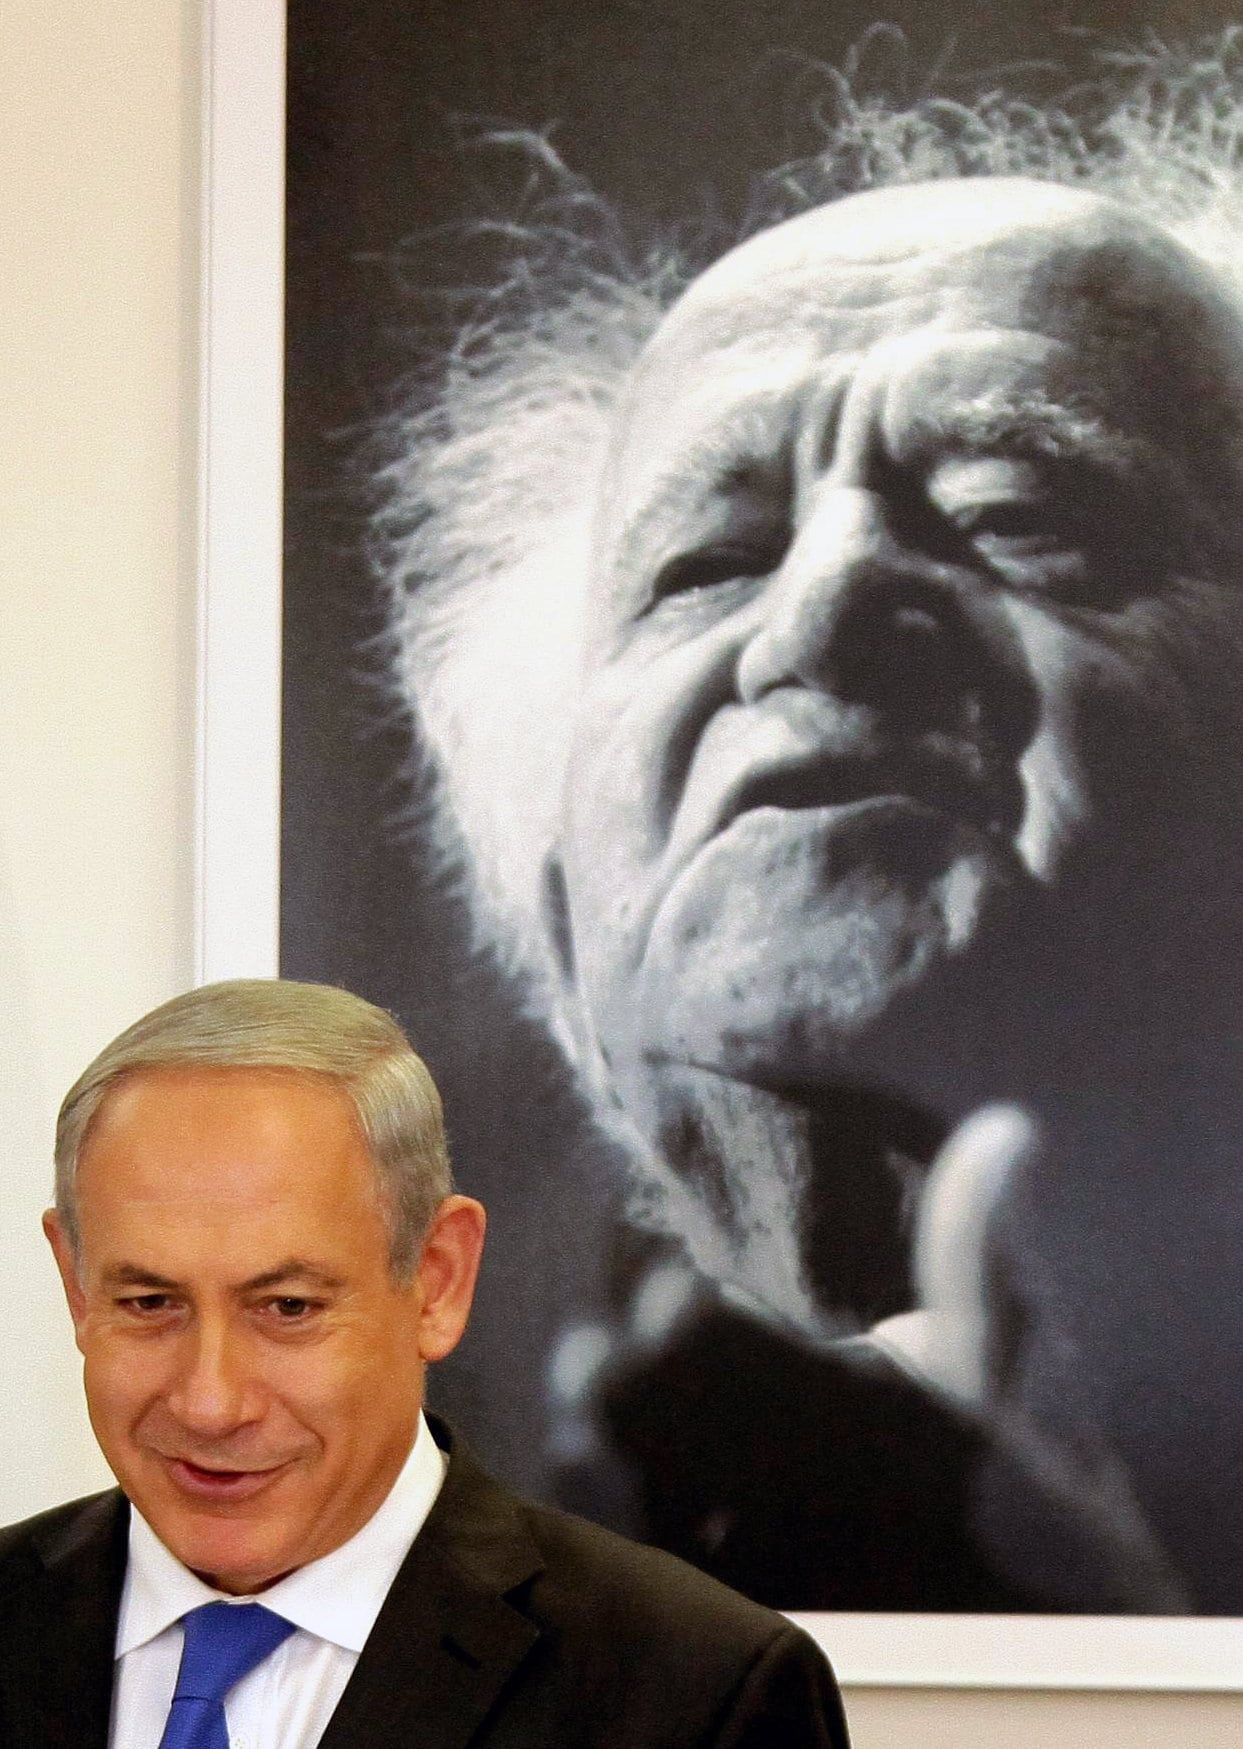 בנימין נתניהו על רקע דיוקנו של דוד בן-גוריון, ארכיון, 2013 (צילום: Edi Israel/POOL/Flash90)